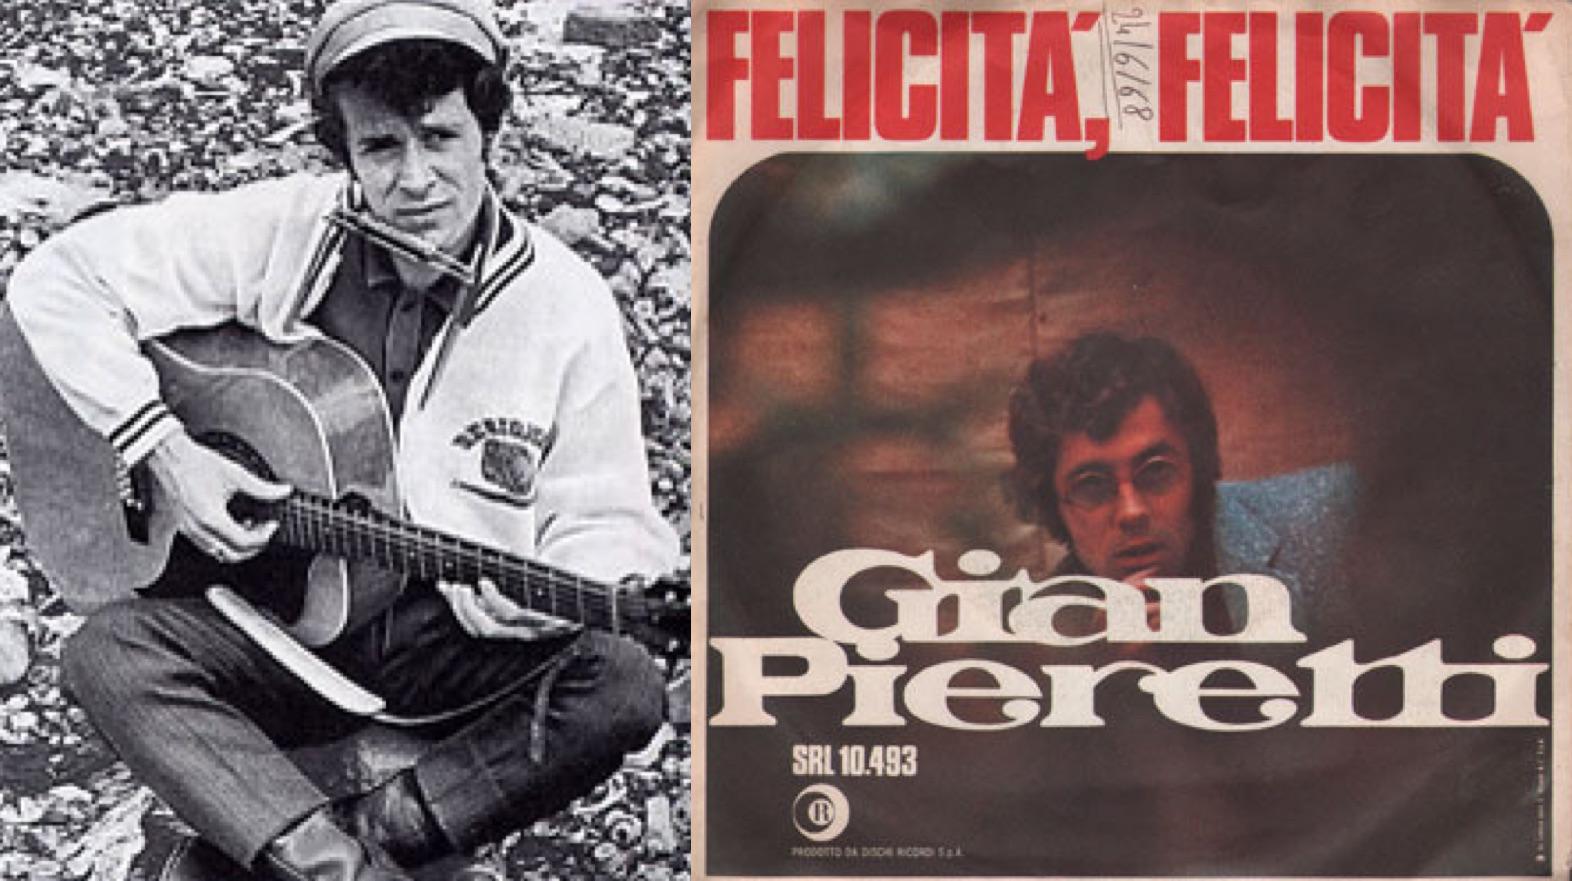 """Izq.: Gian Pieretti, armónica y guitarra. Der.: Disco sencillo de """"Felicità, felicità"""" (1968)."""